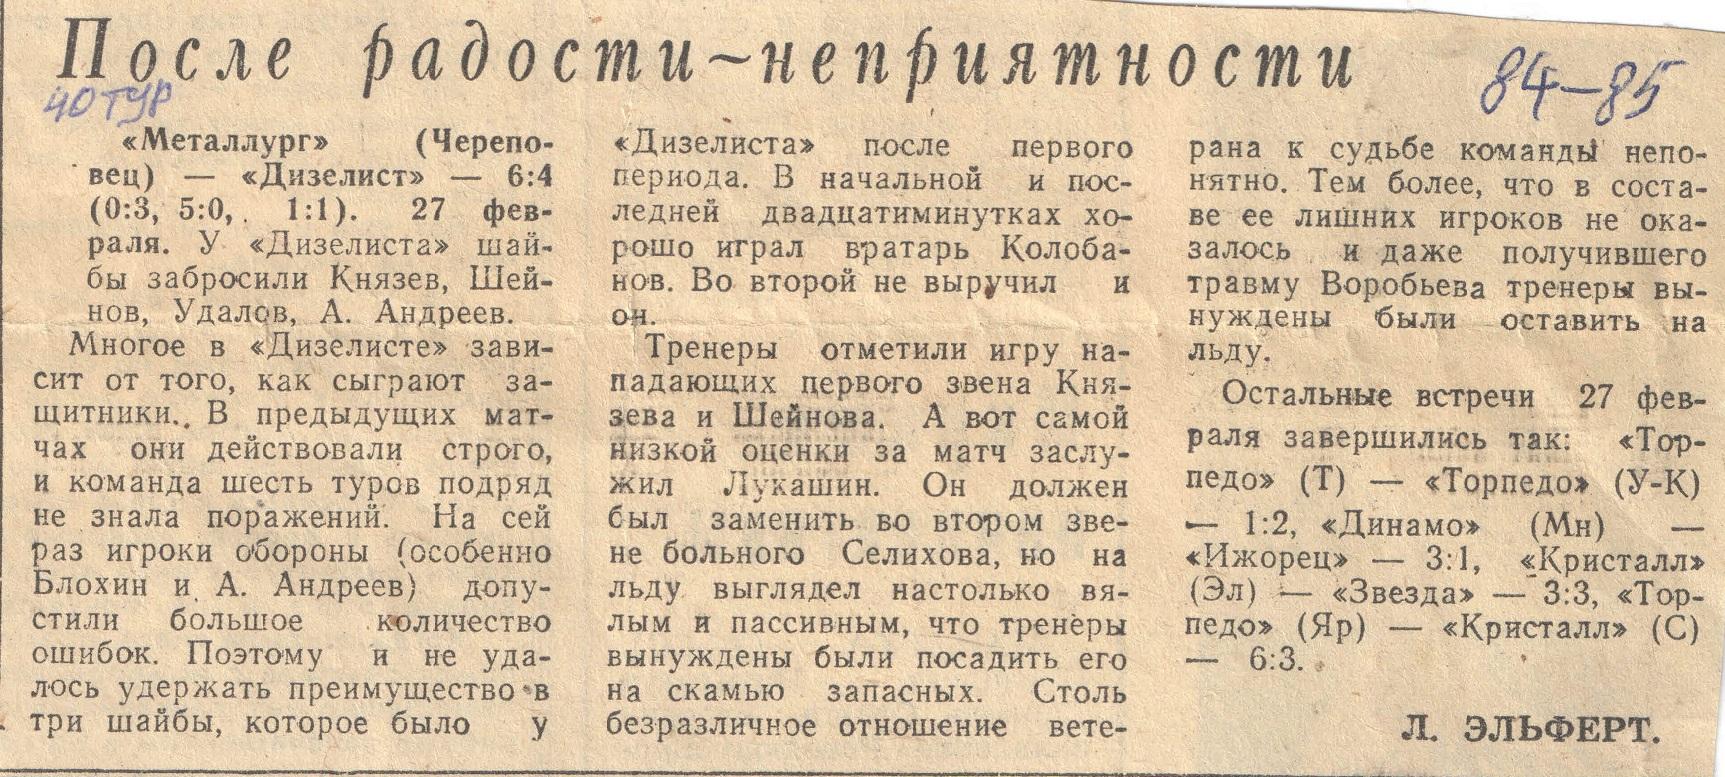 1985-2-27.jpg